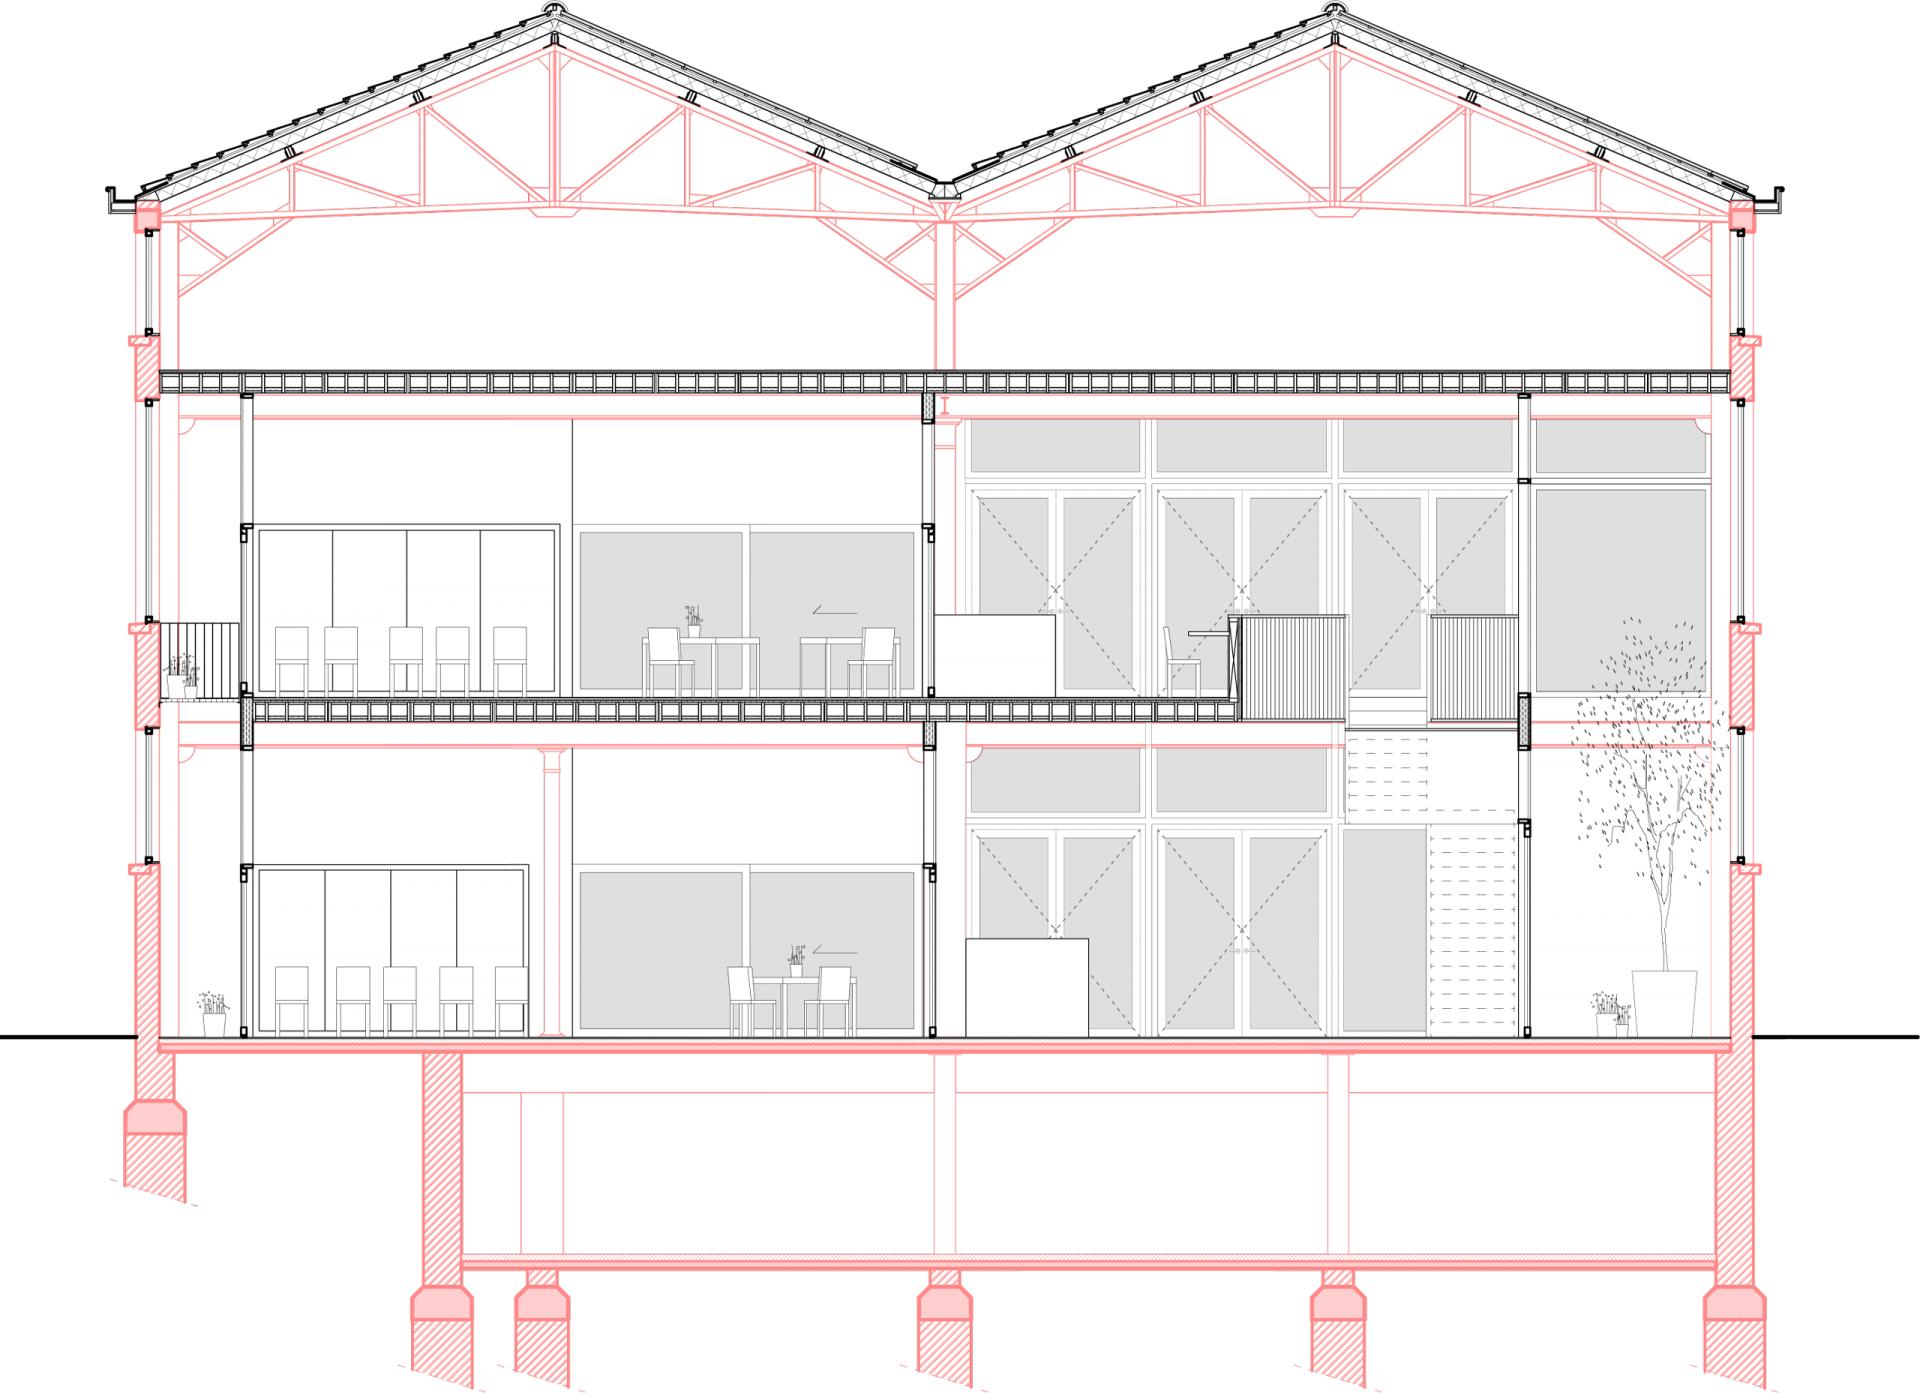 Everaert Section Tech